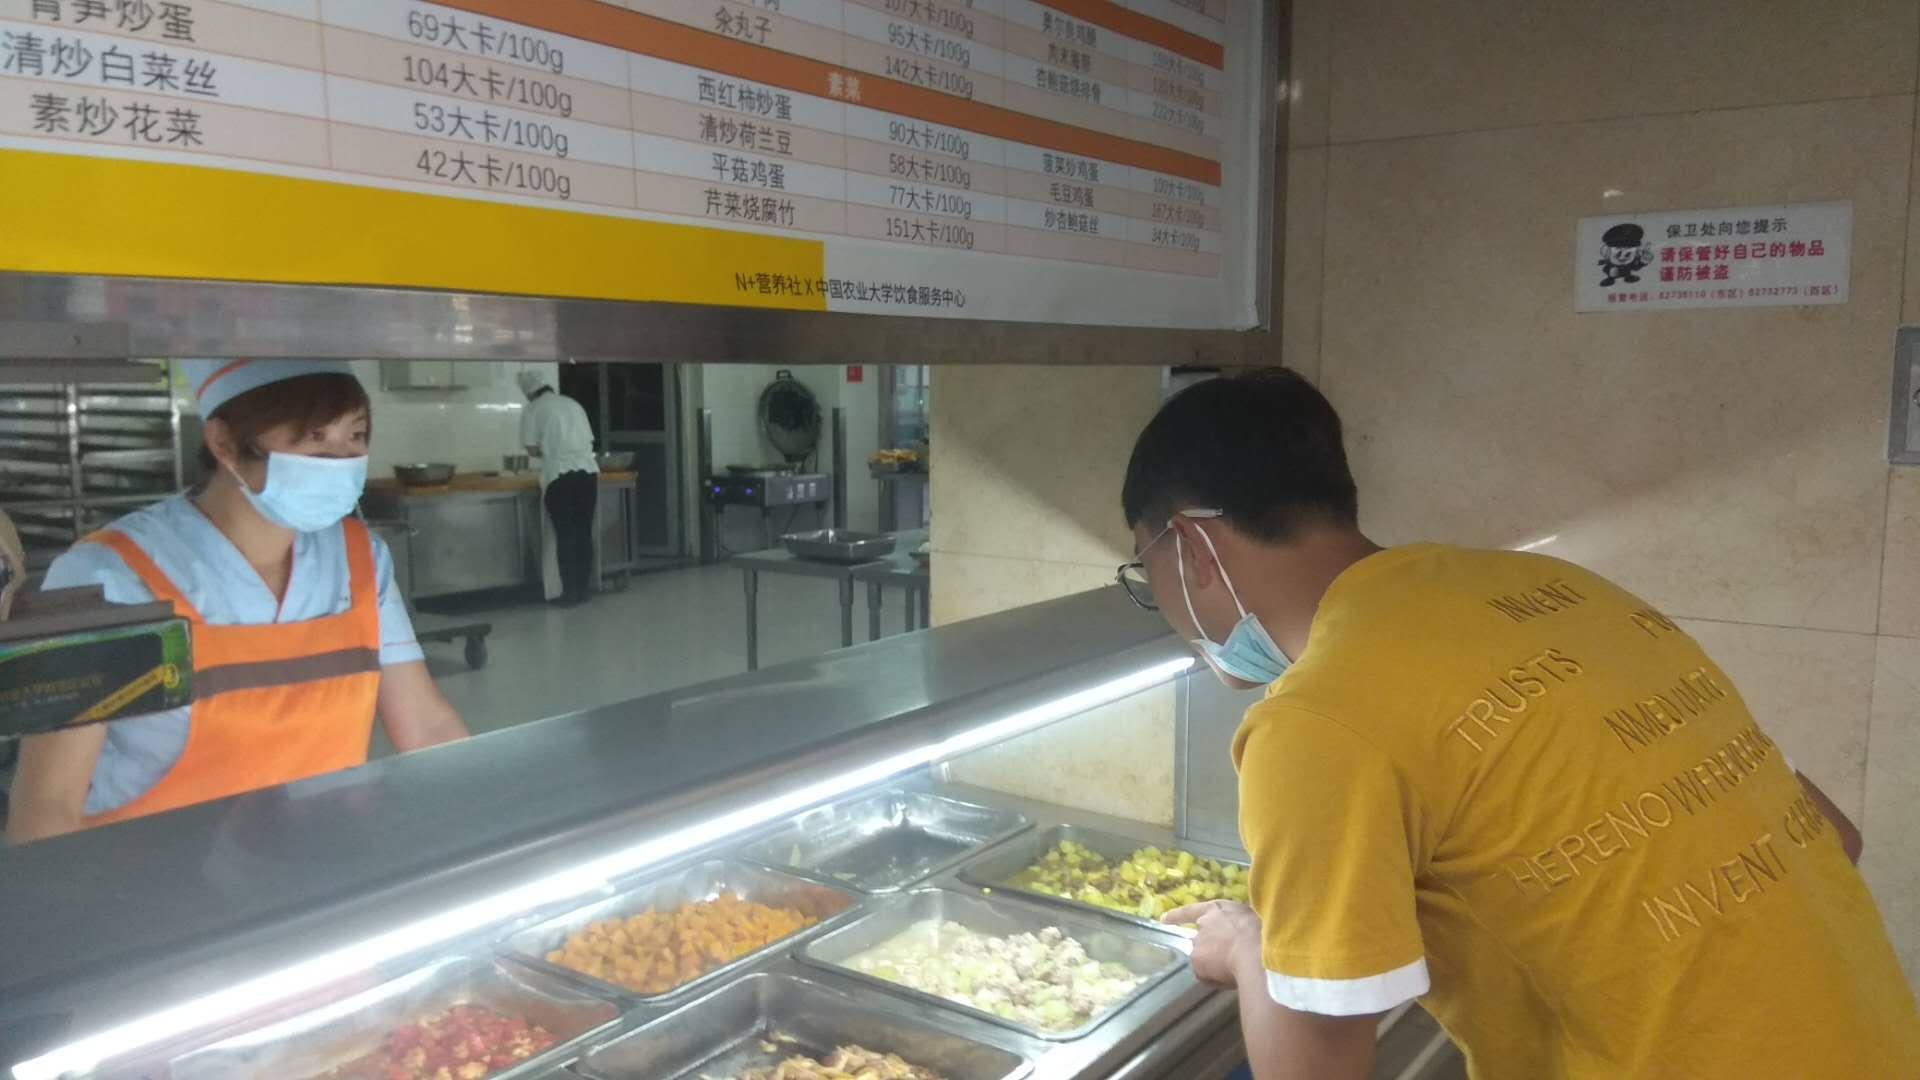 中国农业大学学生在营养餐窗口打菜.jpg